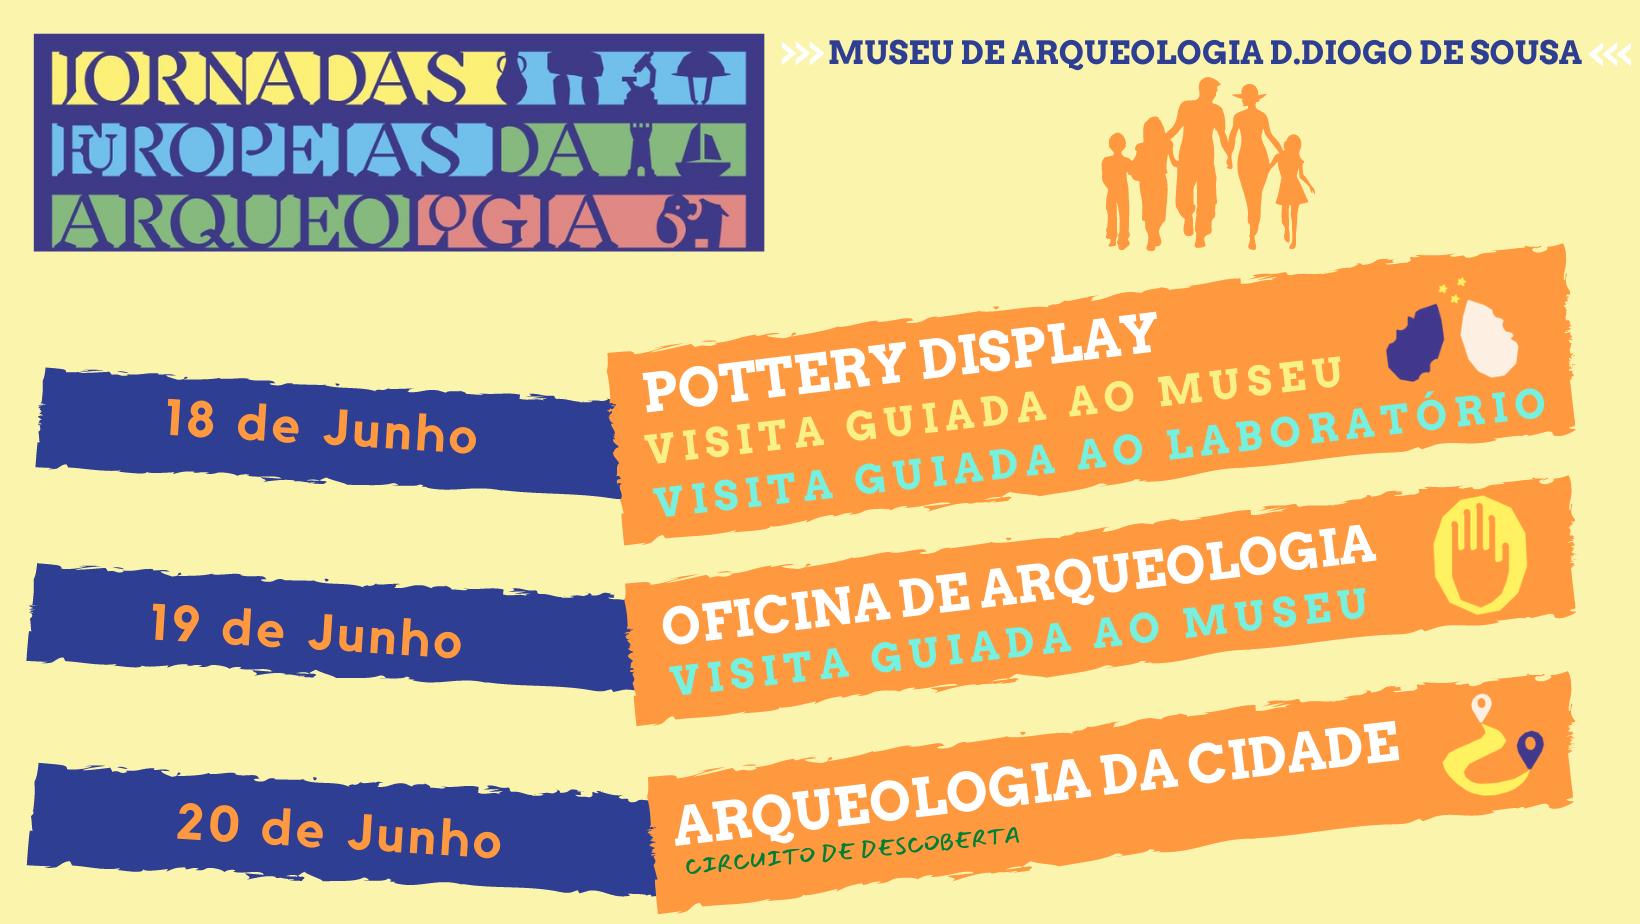 Jornadas Europeias da Arqueologia no Museu